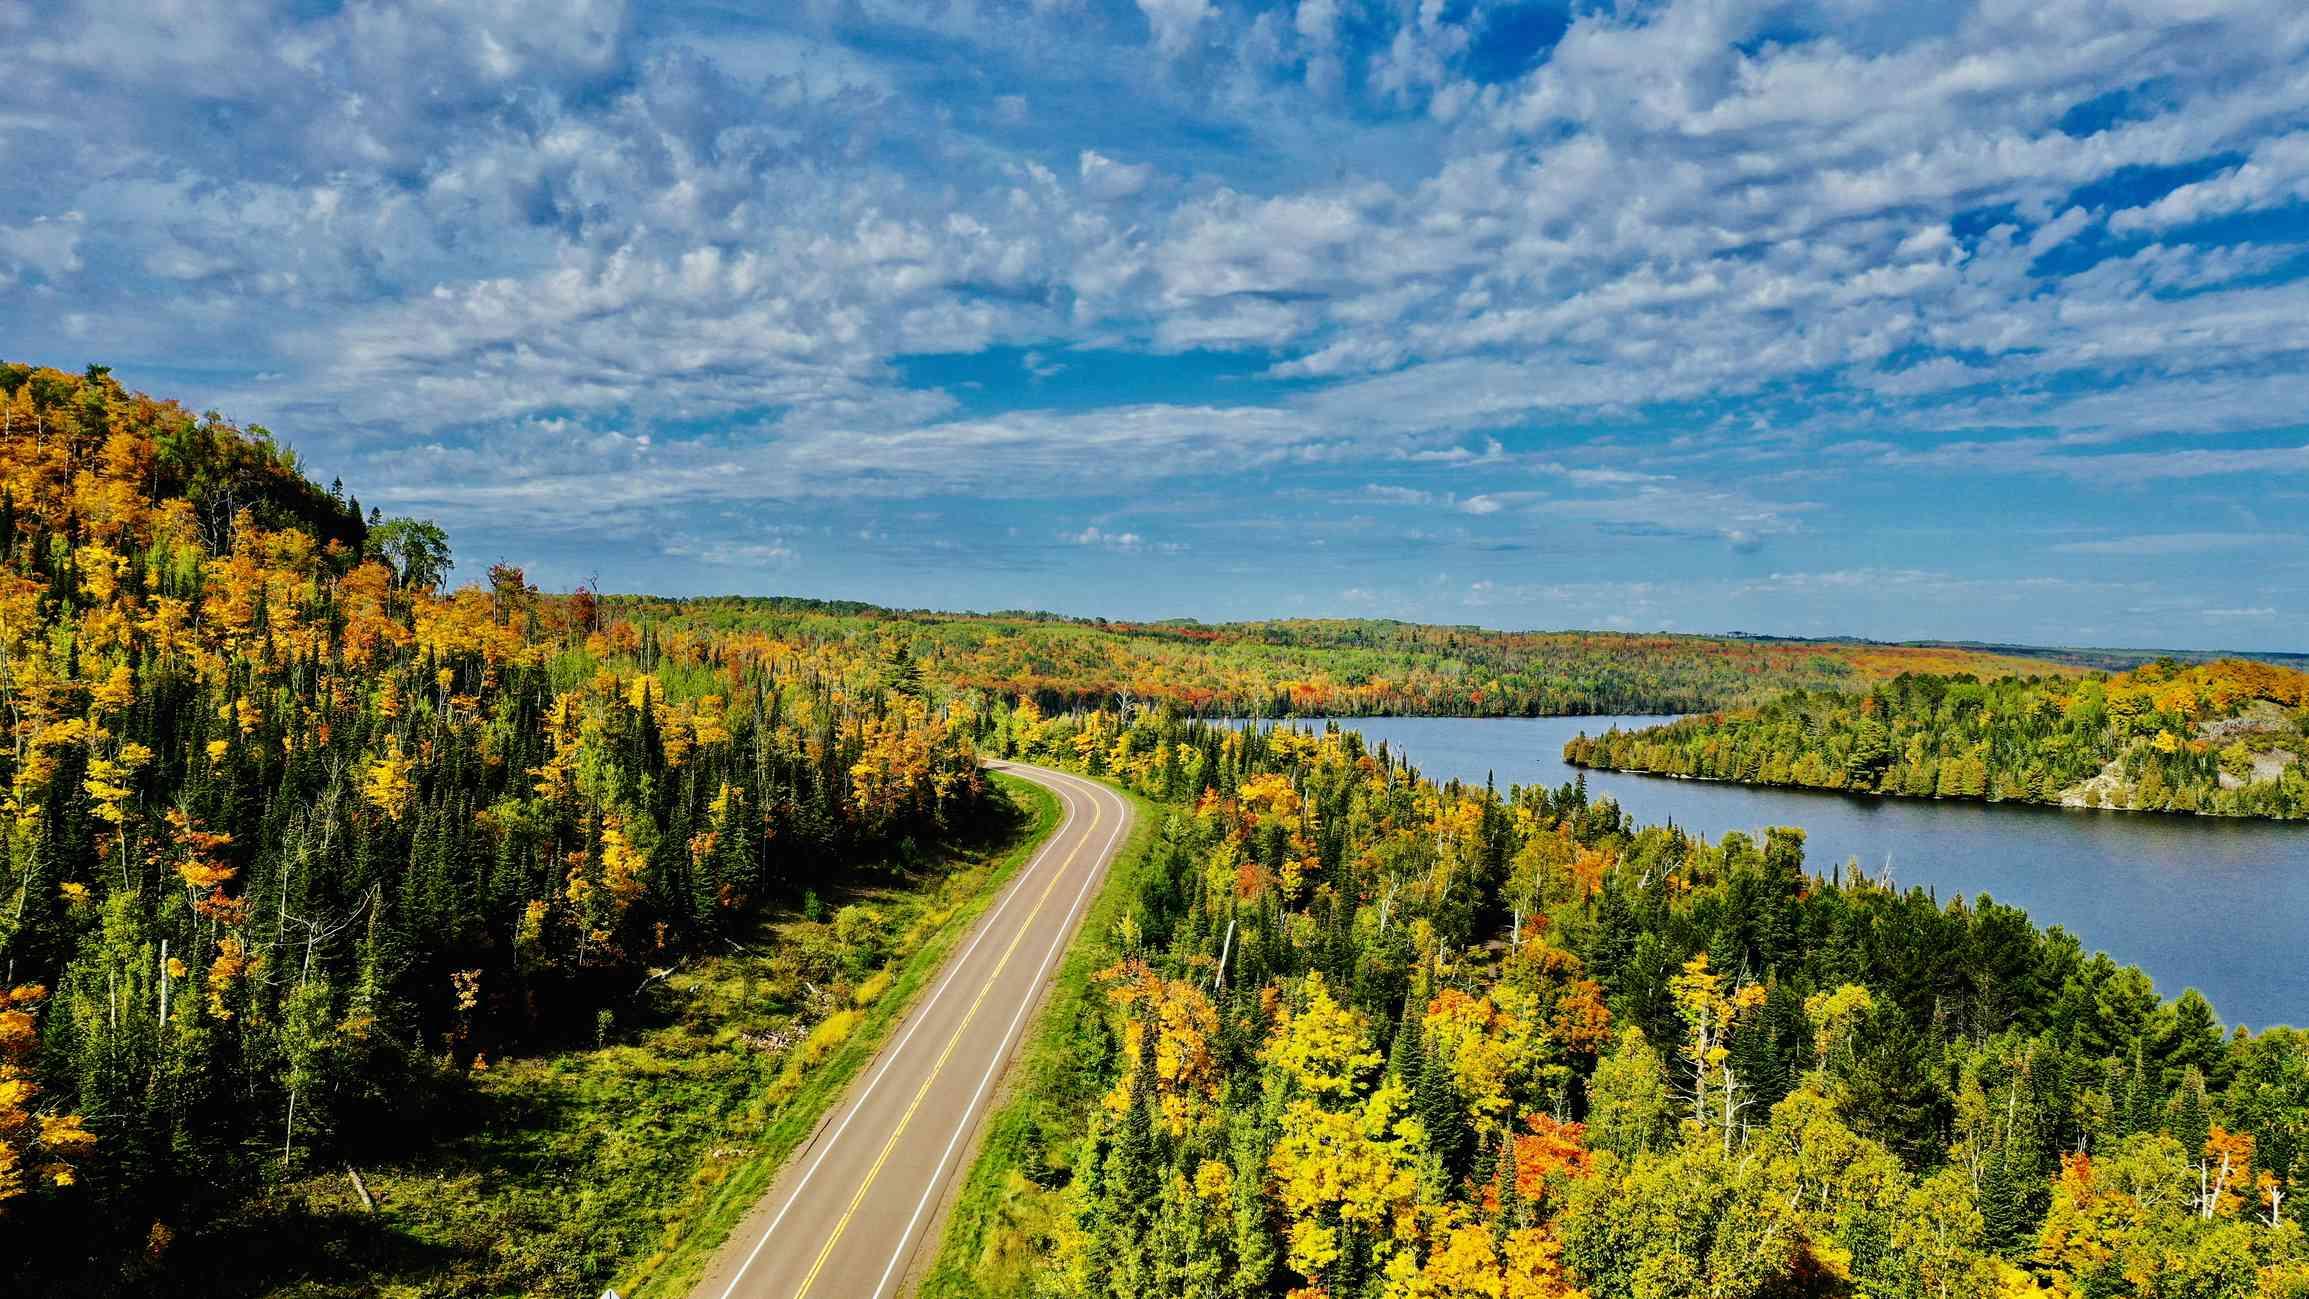 Minnesota Highway in fall foliage, Lutsen